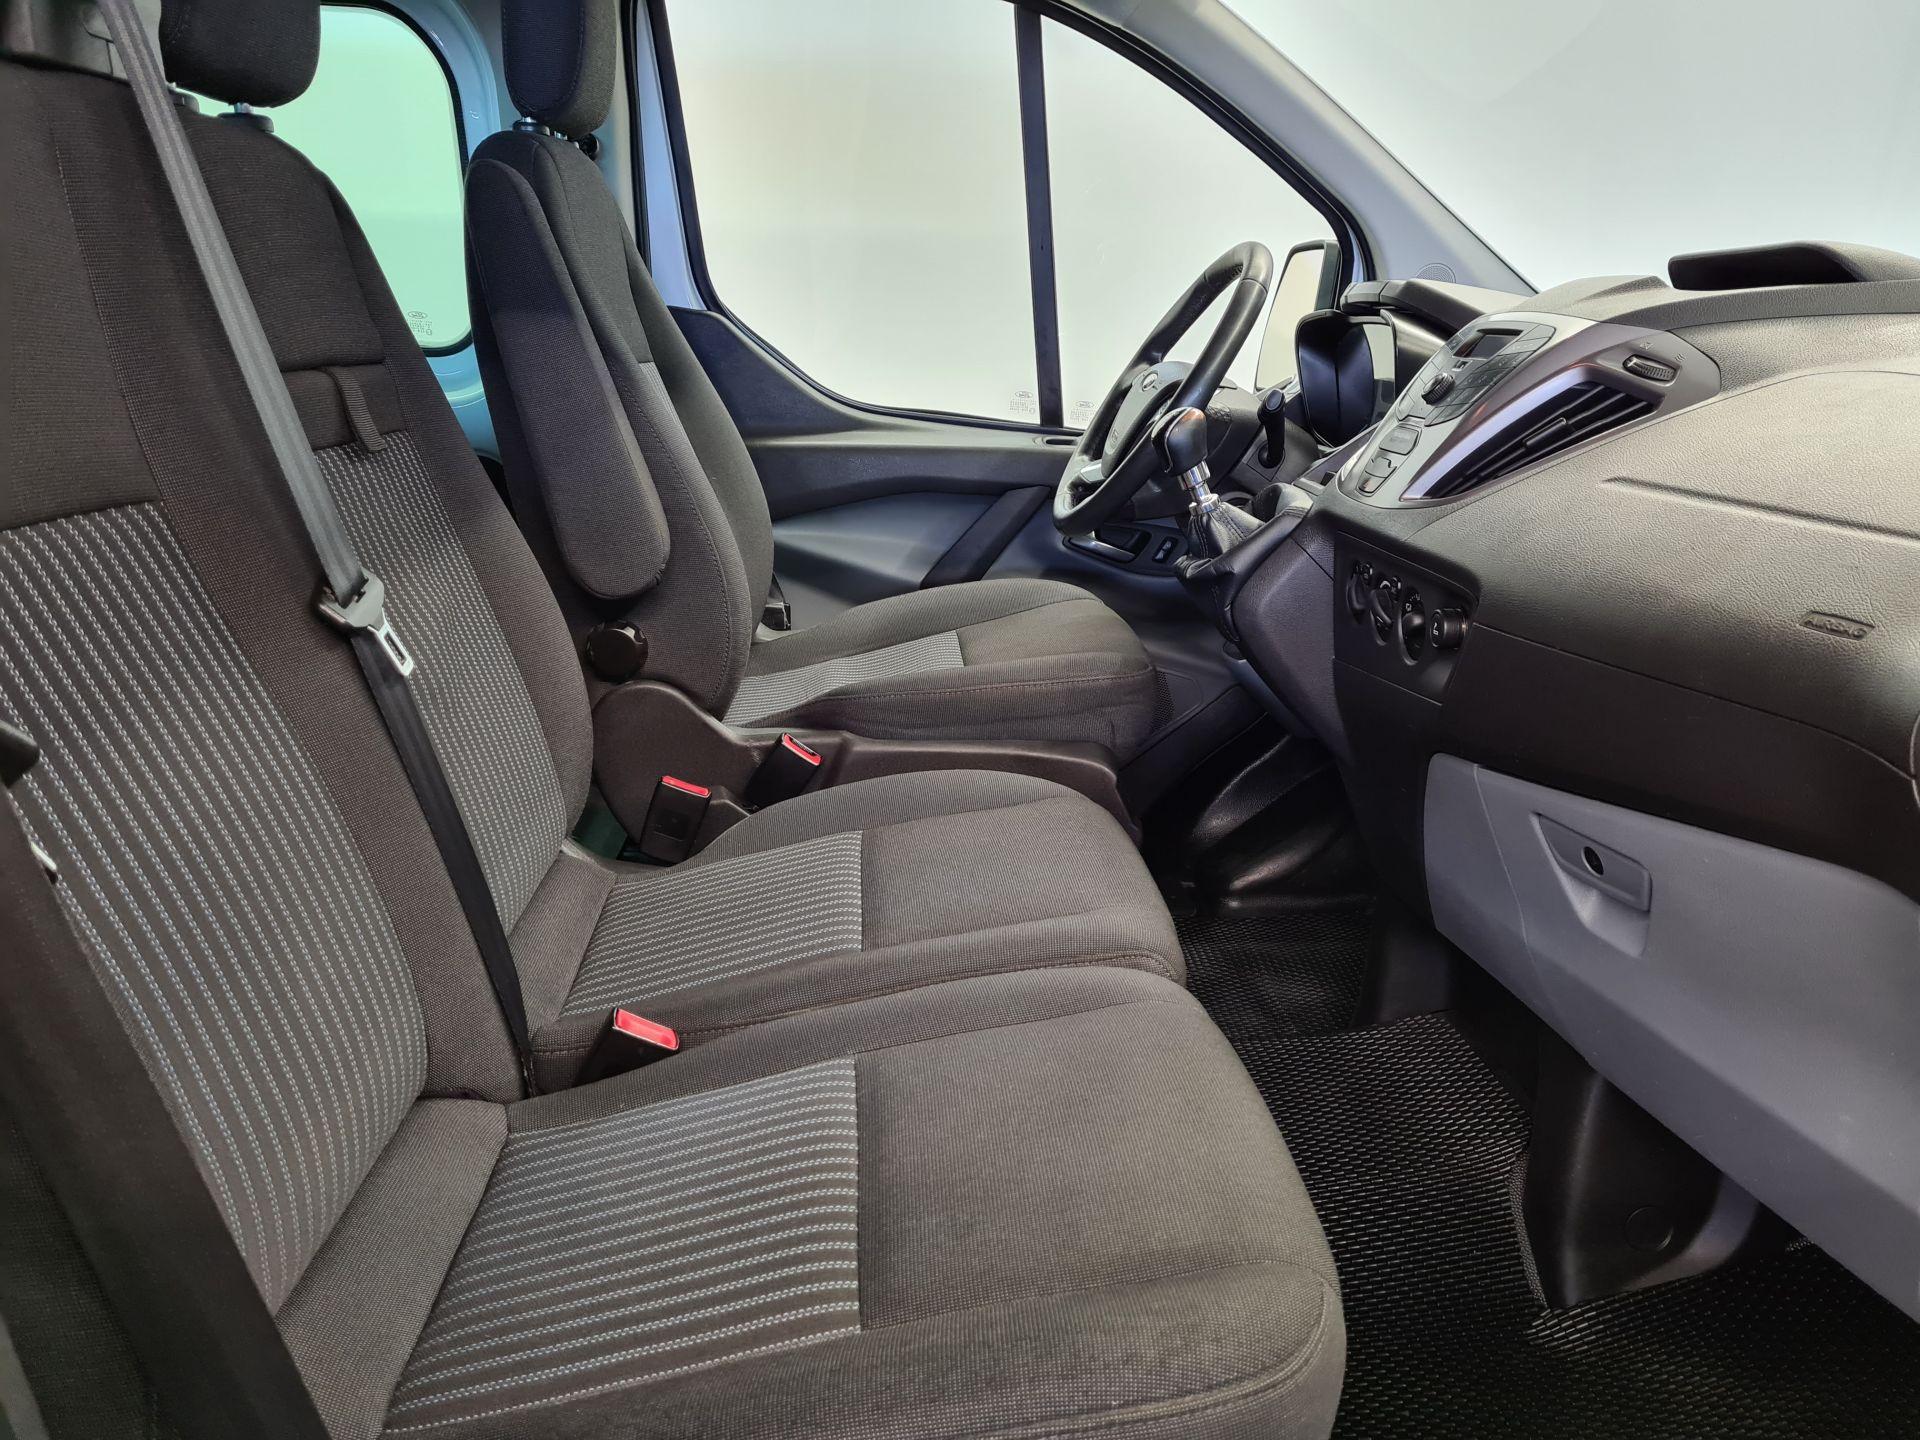 Ford Transit Custom Kombi 2.2 TDCI 125cv 310 L1 Trend